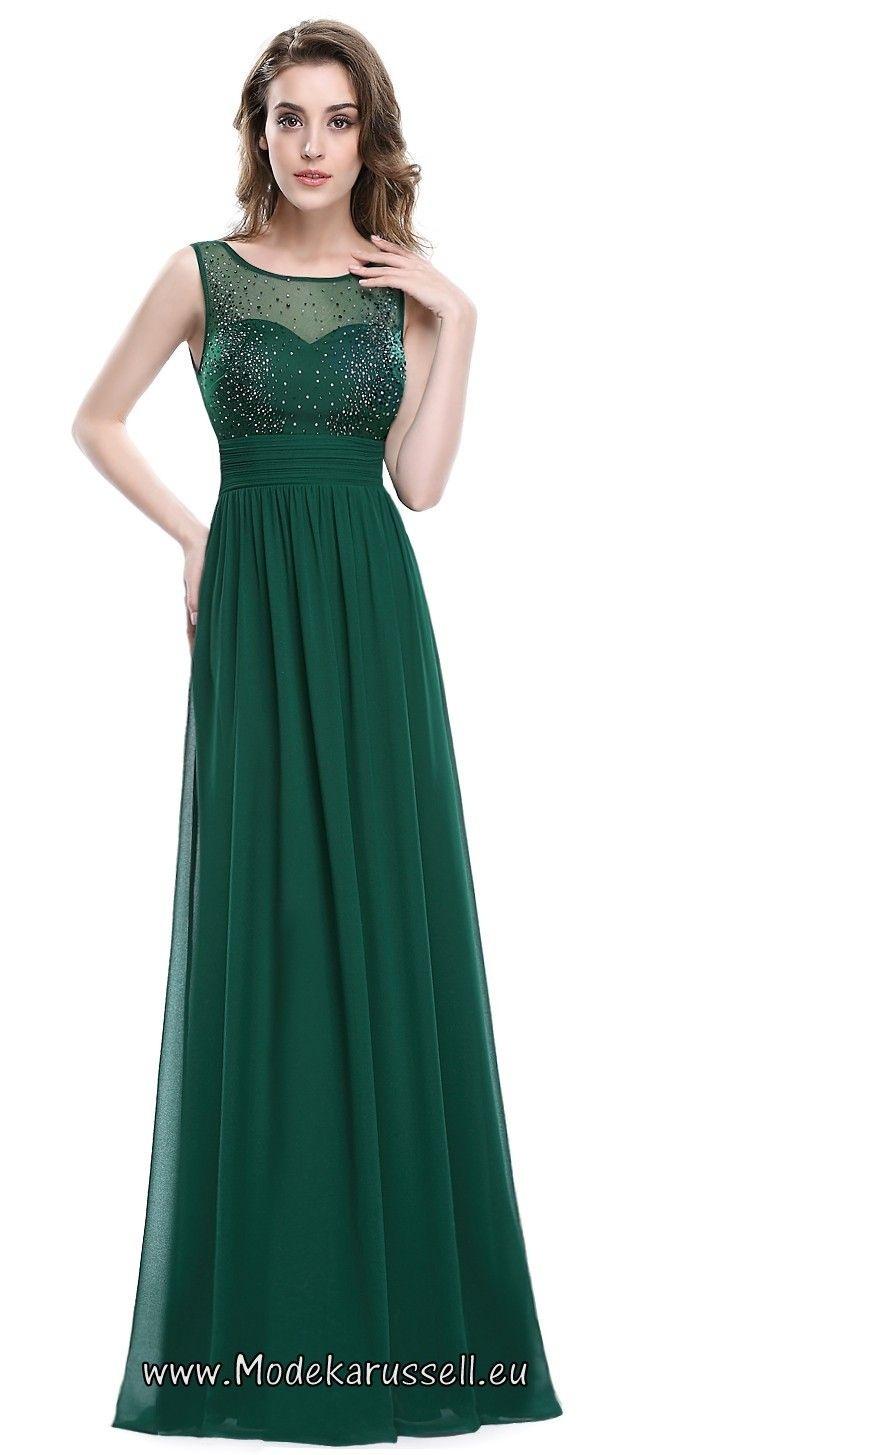 15 Luxurius Grünes Kurzes Kleid SpezialgebietDesigner Erstaunlich Grünes Kurzes Kleid Galerie